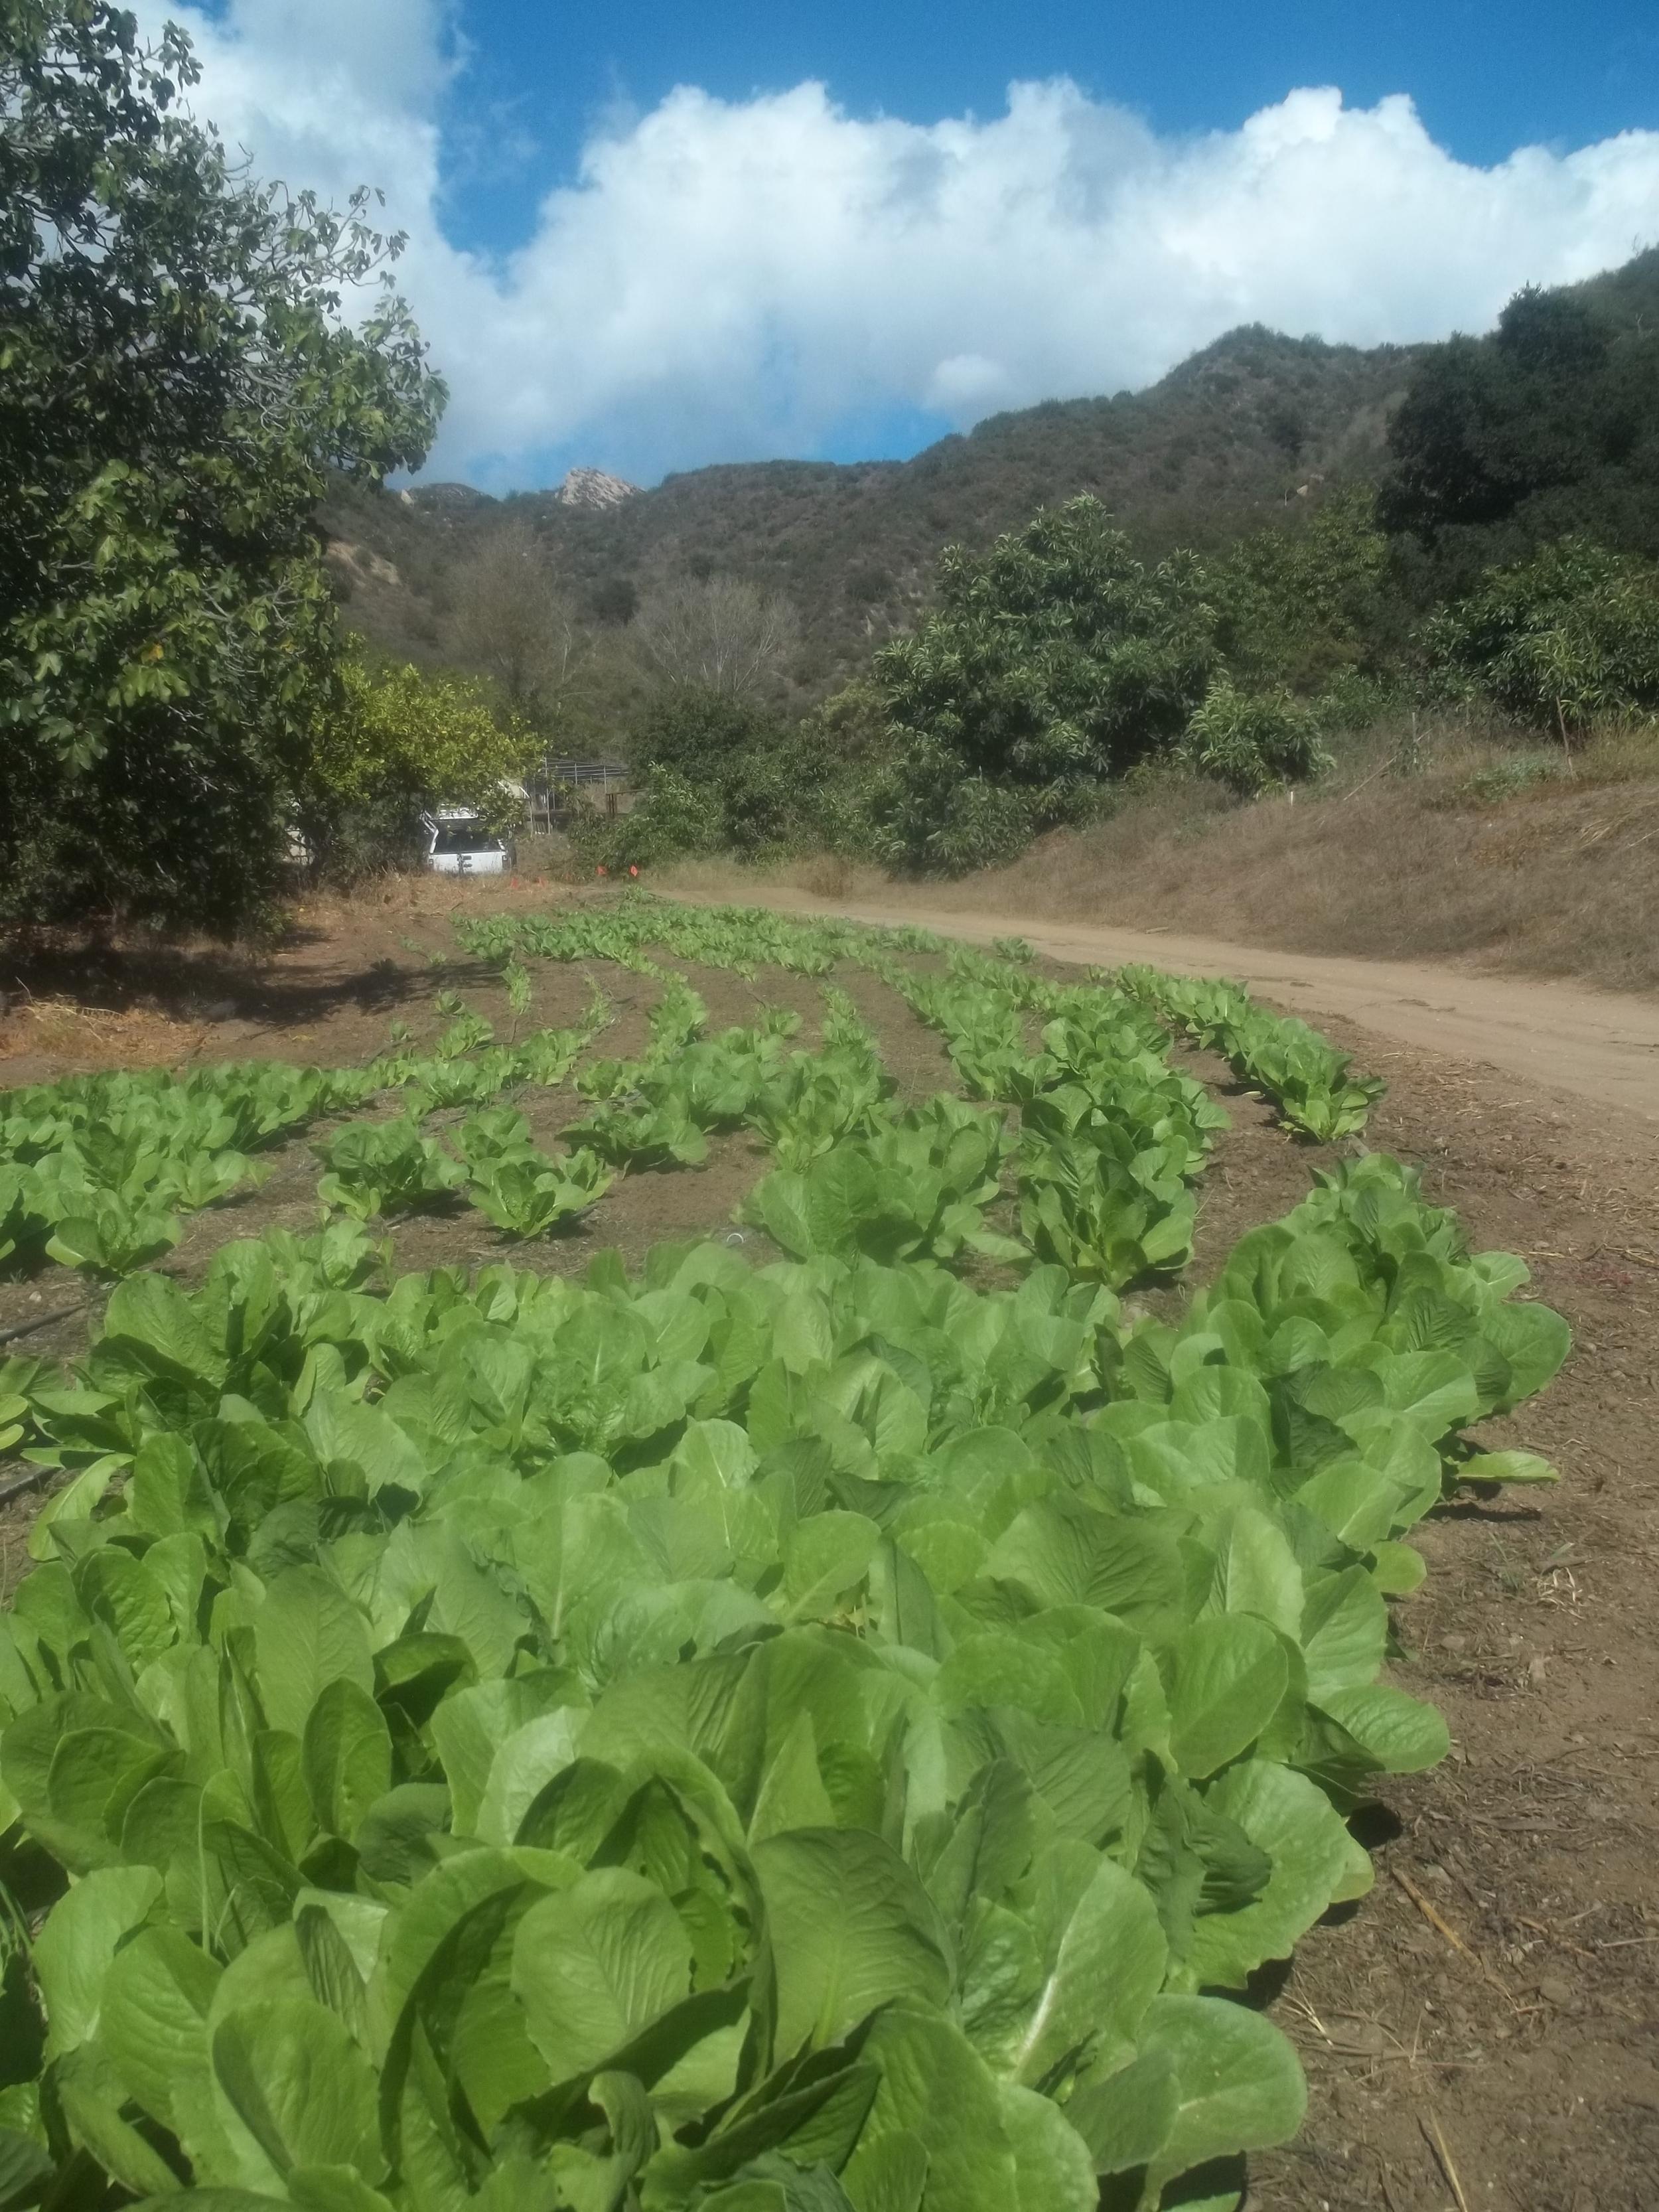 2013 Oct roamine lettuce.JPG